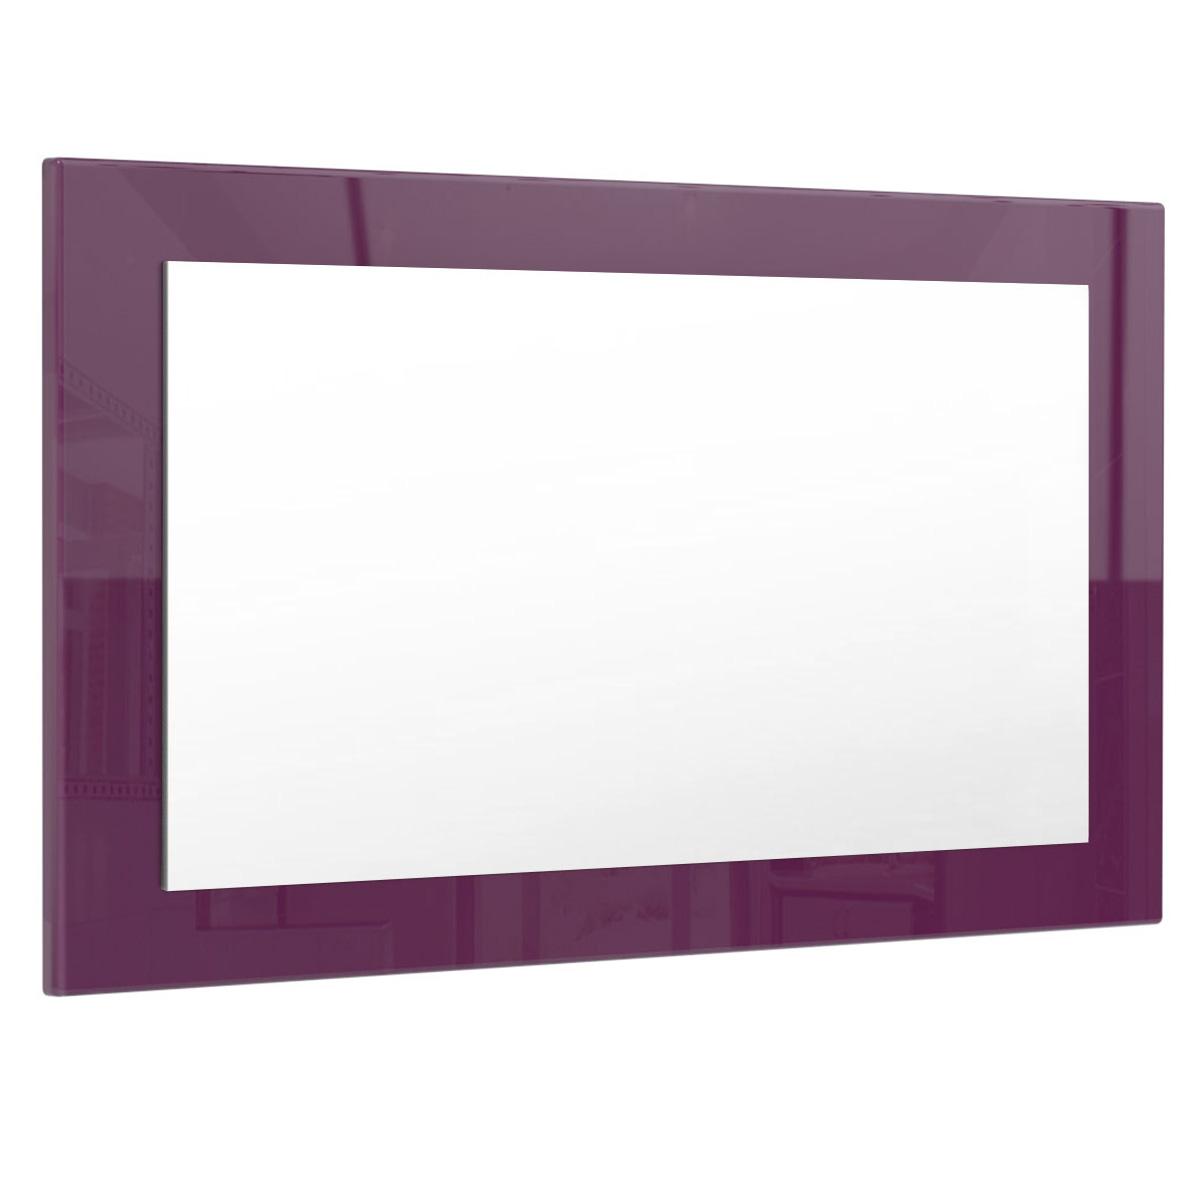 Wandspiegel-Spiegel-Lima-Flur-Diele-Hochglanz-Naturfarben-3-Groessen-16-Farben